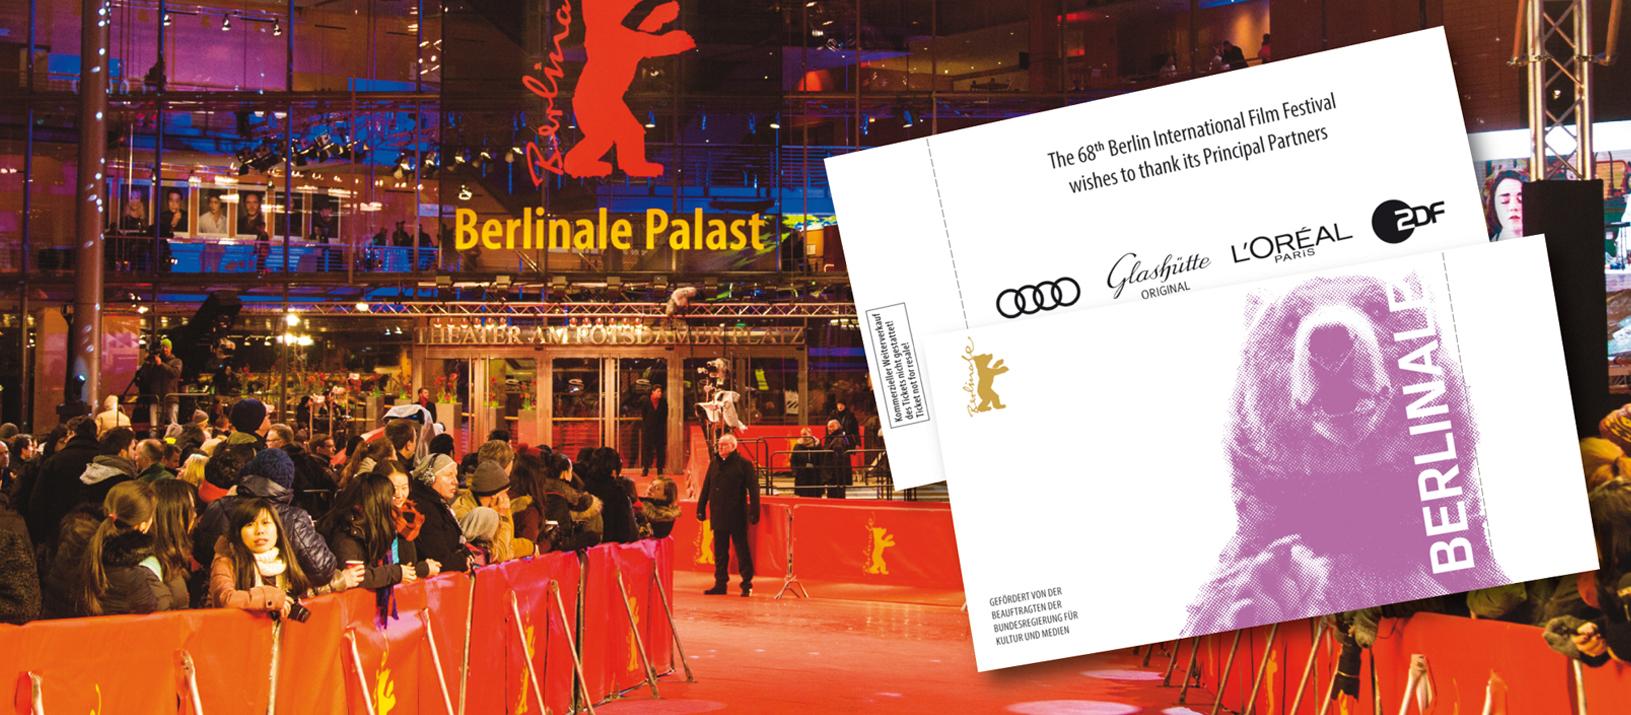 Beckerbillett Berlinale Ticket 2018